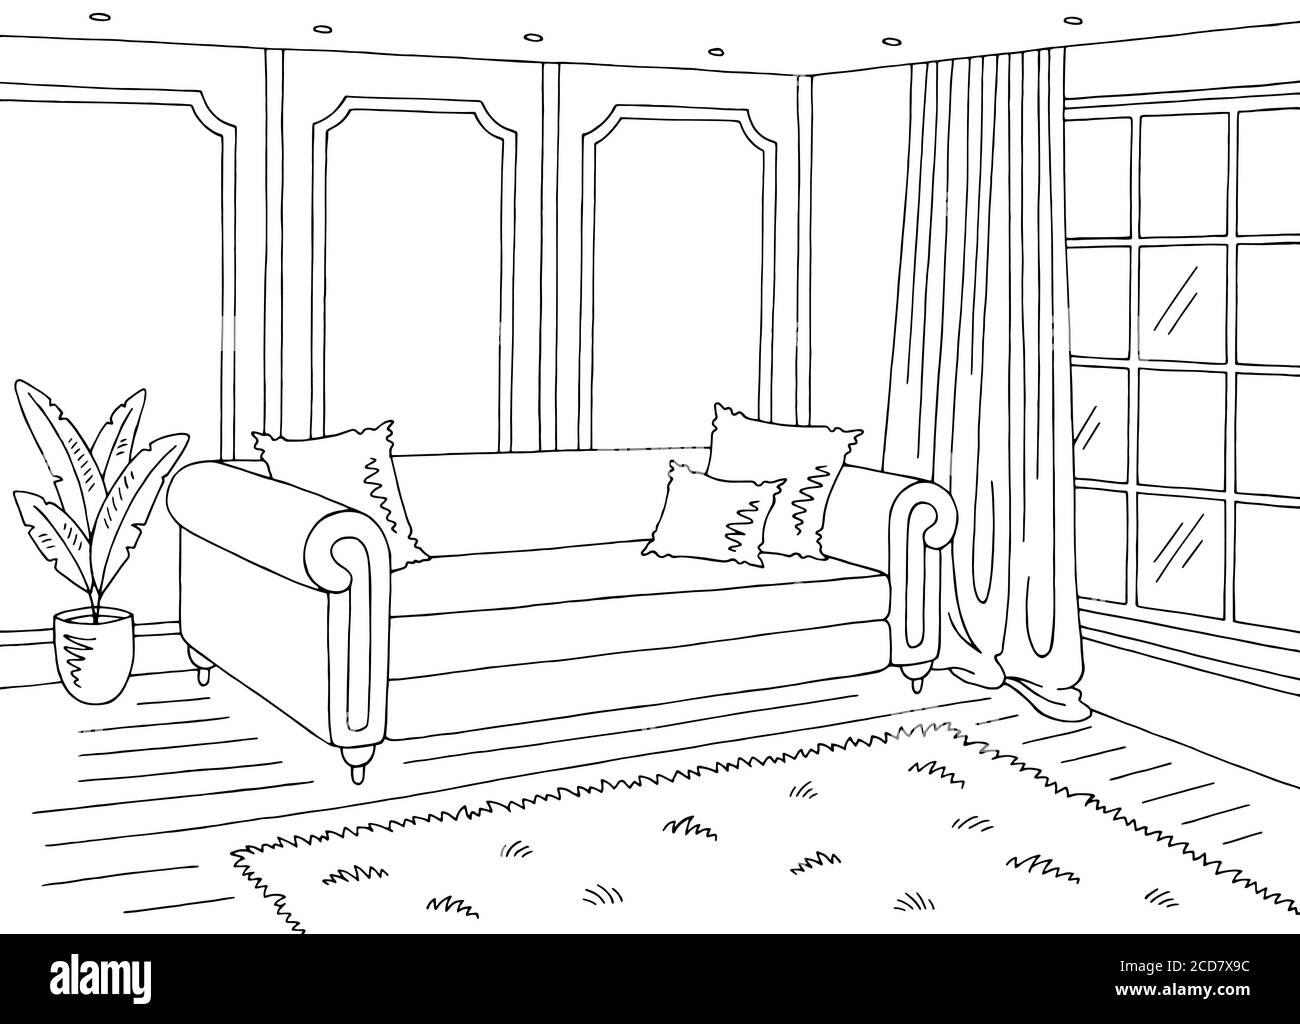 Representation Graphique Du Salon Noir Blanc Maison Classique Dessin D Interieur Vecteur Image Vectorielle Stock Alamy